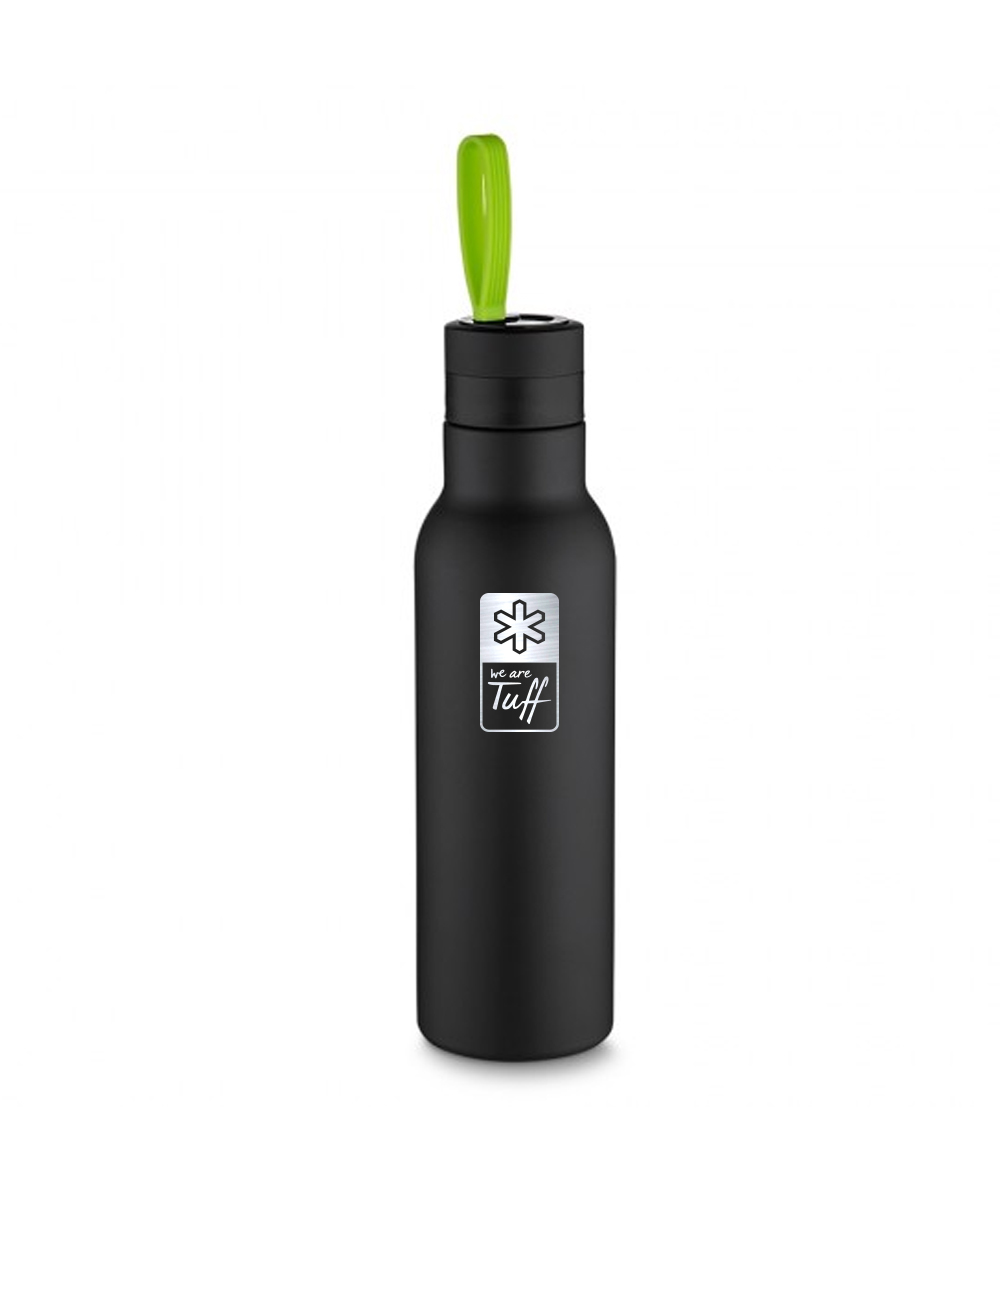 Garrafa Termica Tuff Preta com Alça Verde 500ml